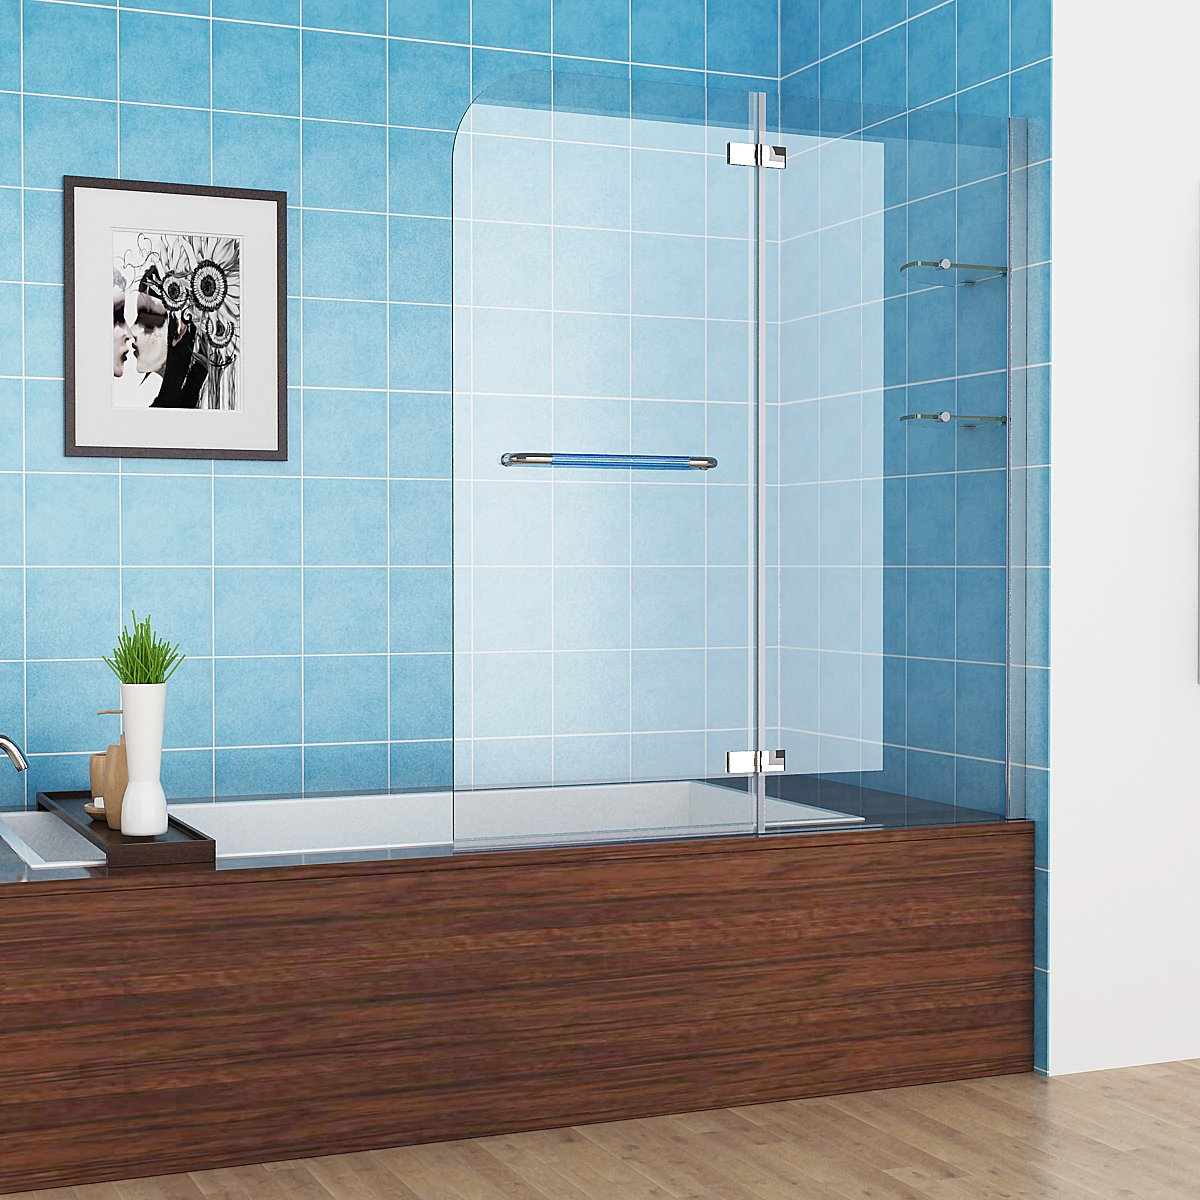 100-120 x 140 cm Badewannen 2 tlg. Faltwand Aufsatz 180° Duschwand Duschabtrennung NANO Glas mit Handtuchhalter (110cm) MIQU